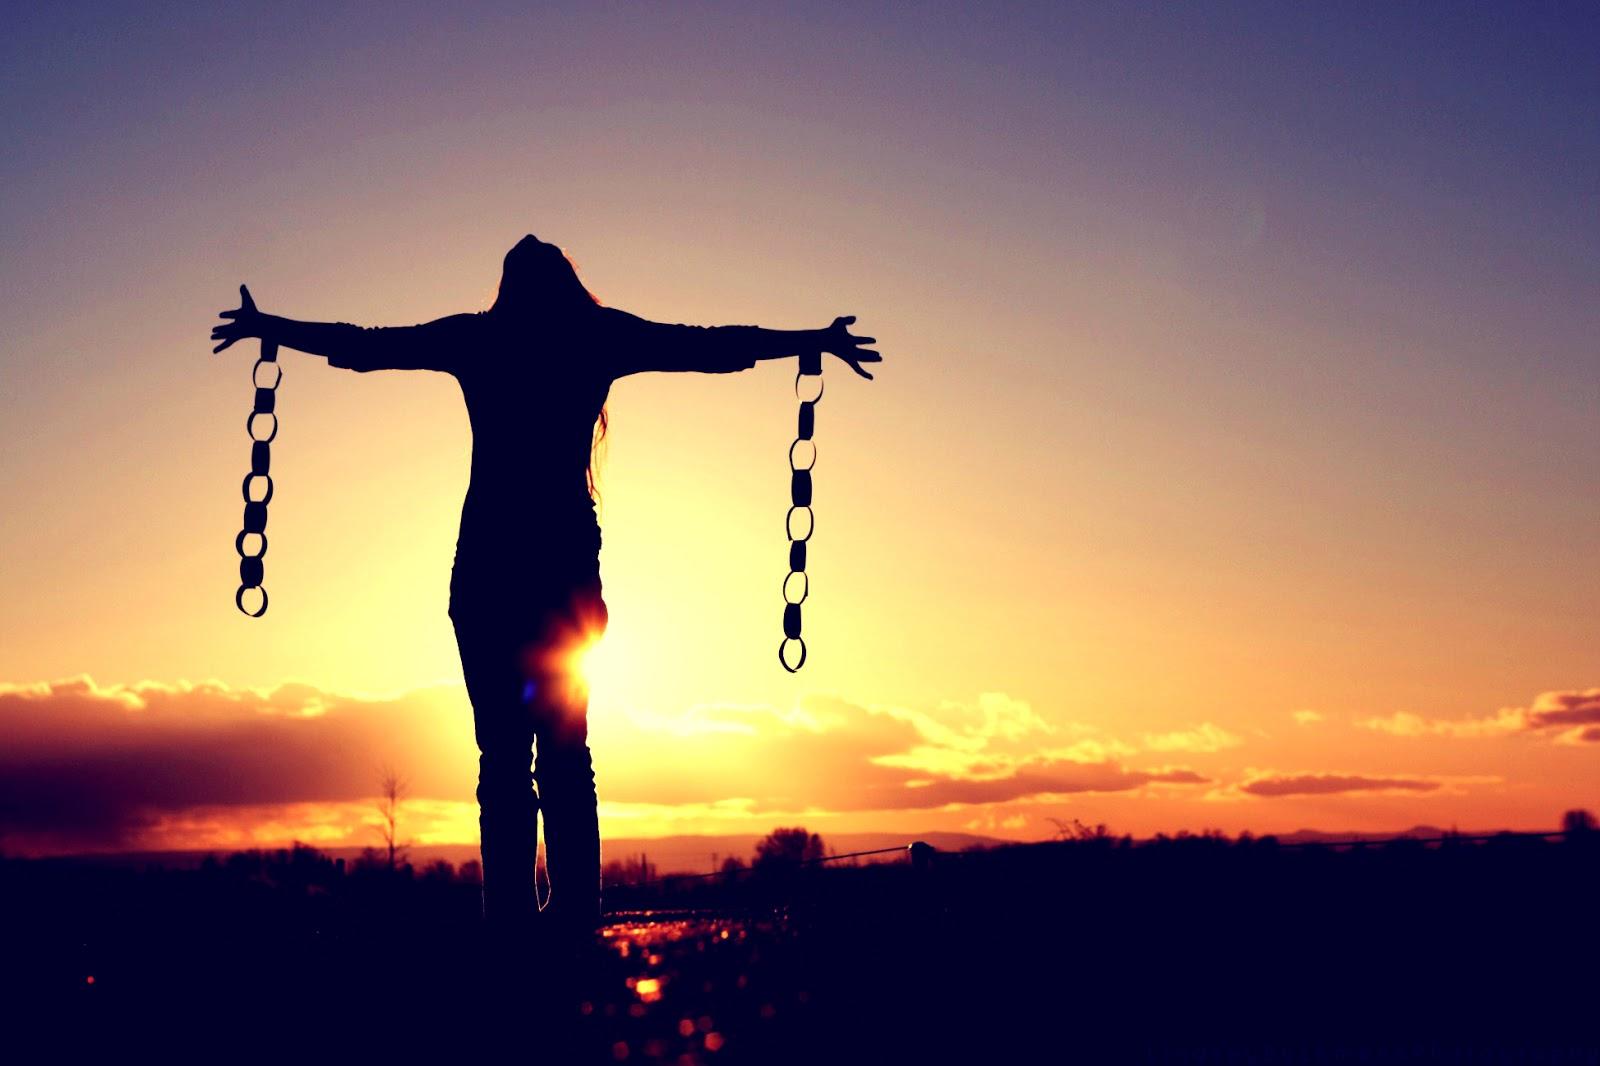 """Résultat de recherche d'images pour """"joy of freedom"""""""